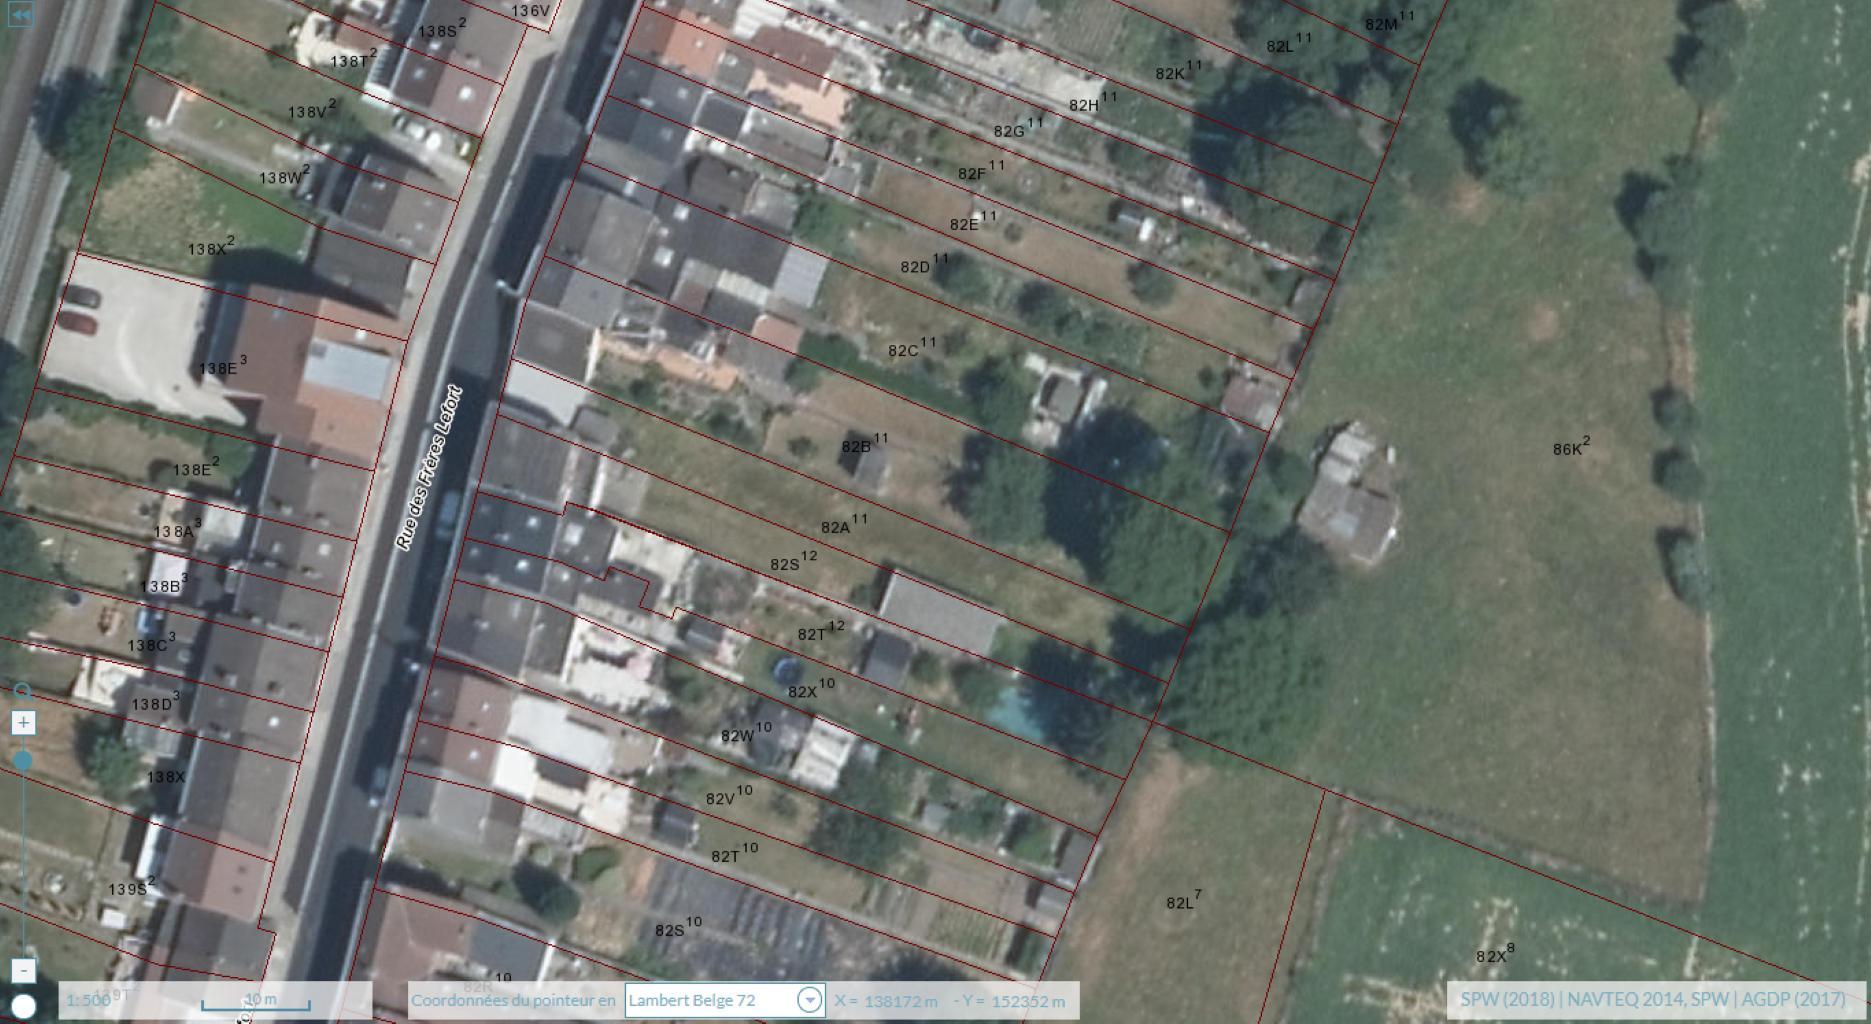 Terrain à bâtir - Tubize - #3928033-5